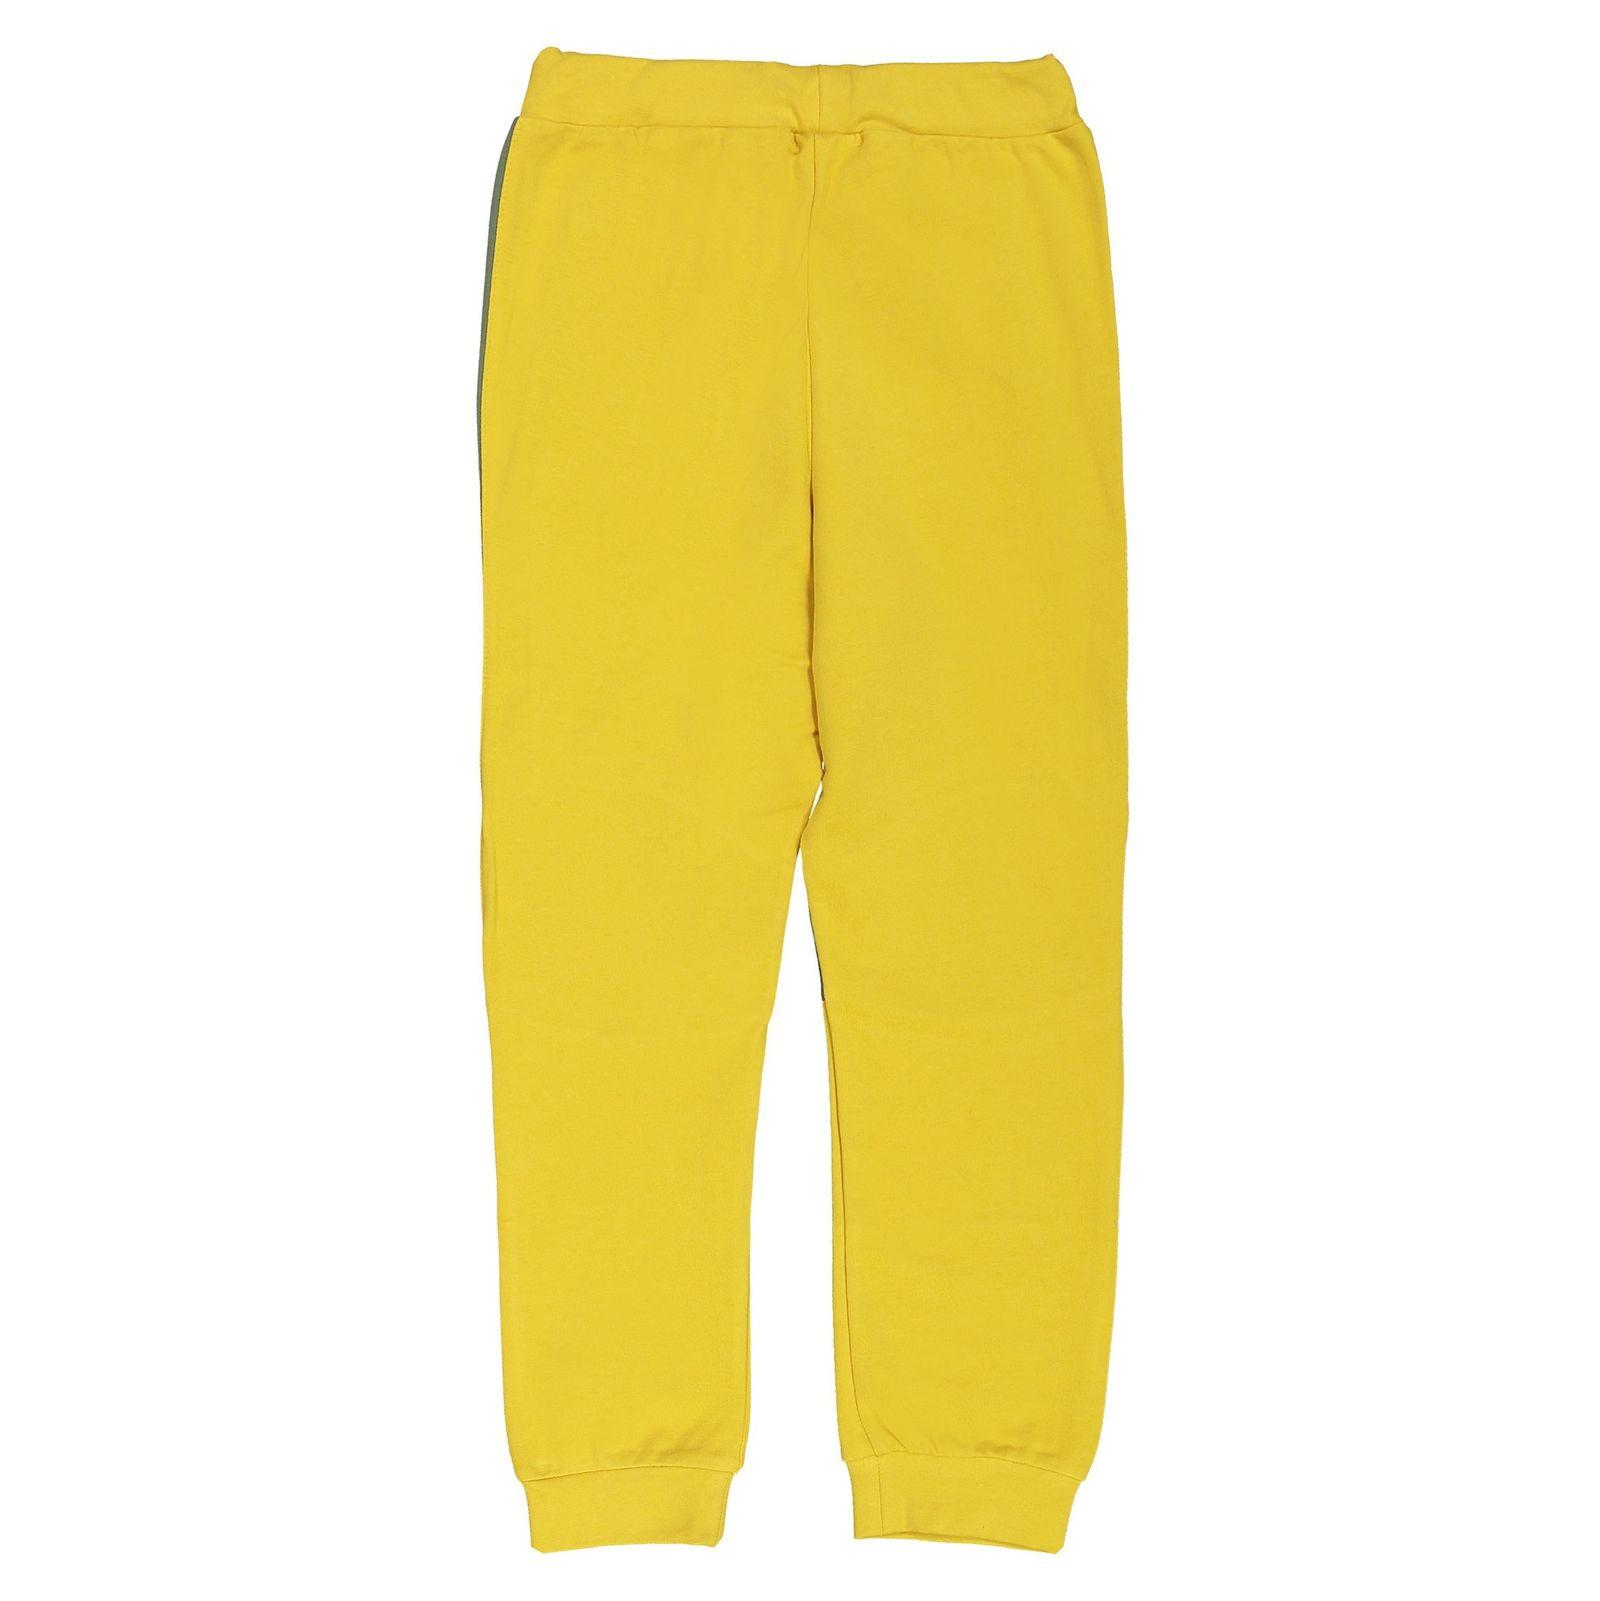 پیراهن و شلوار پسرانه - پیانو - زرد - 5